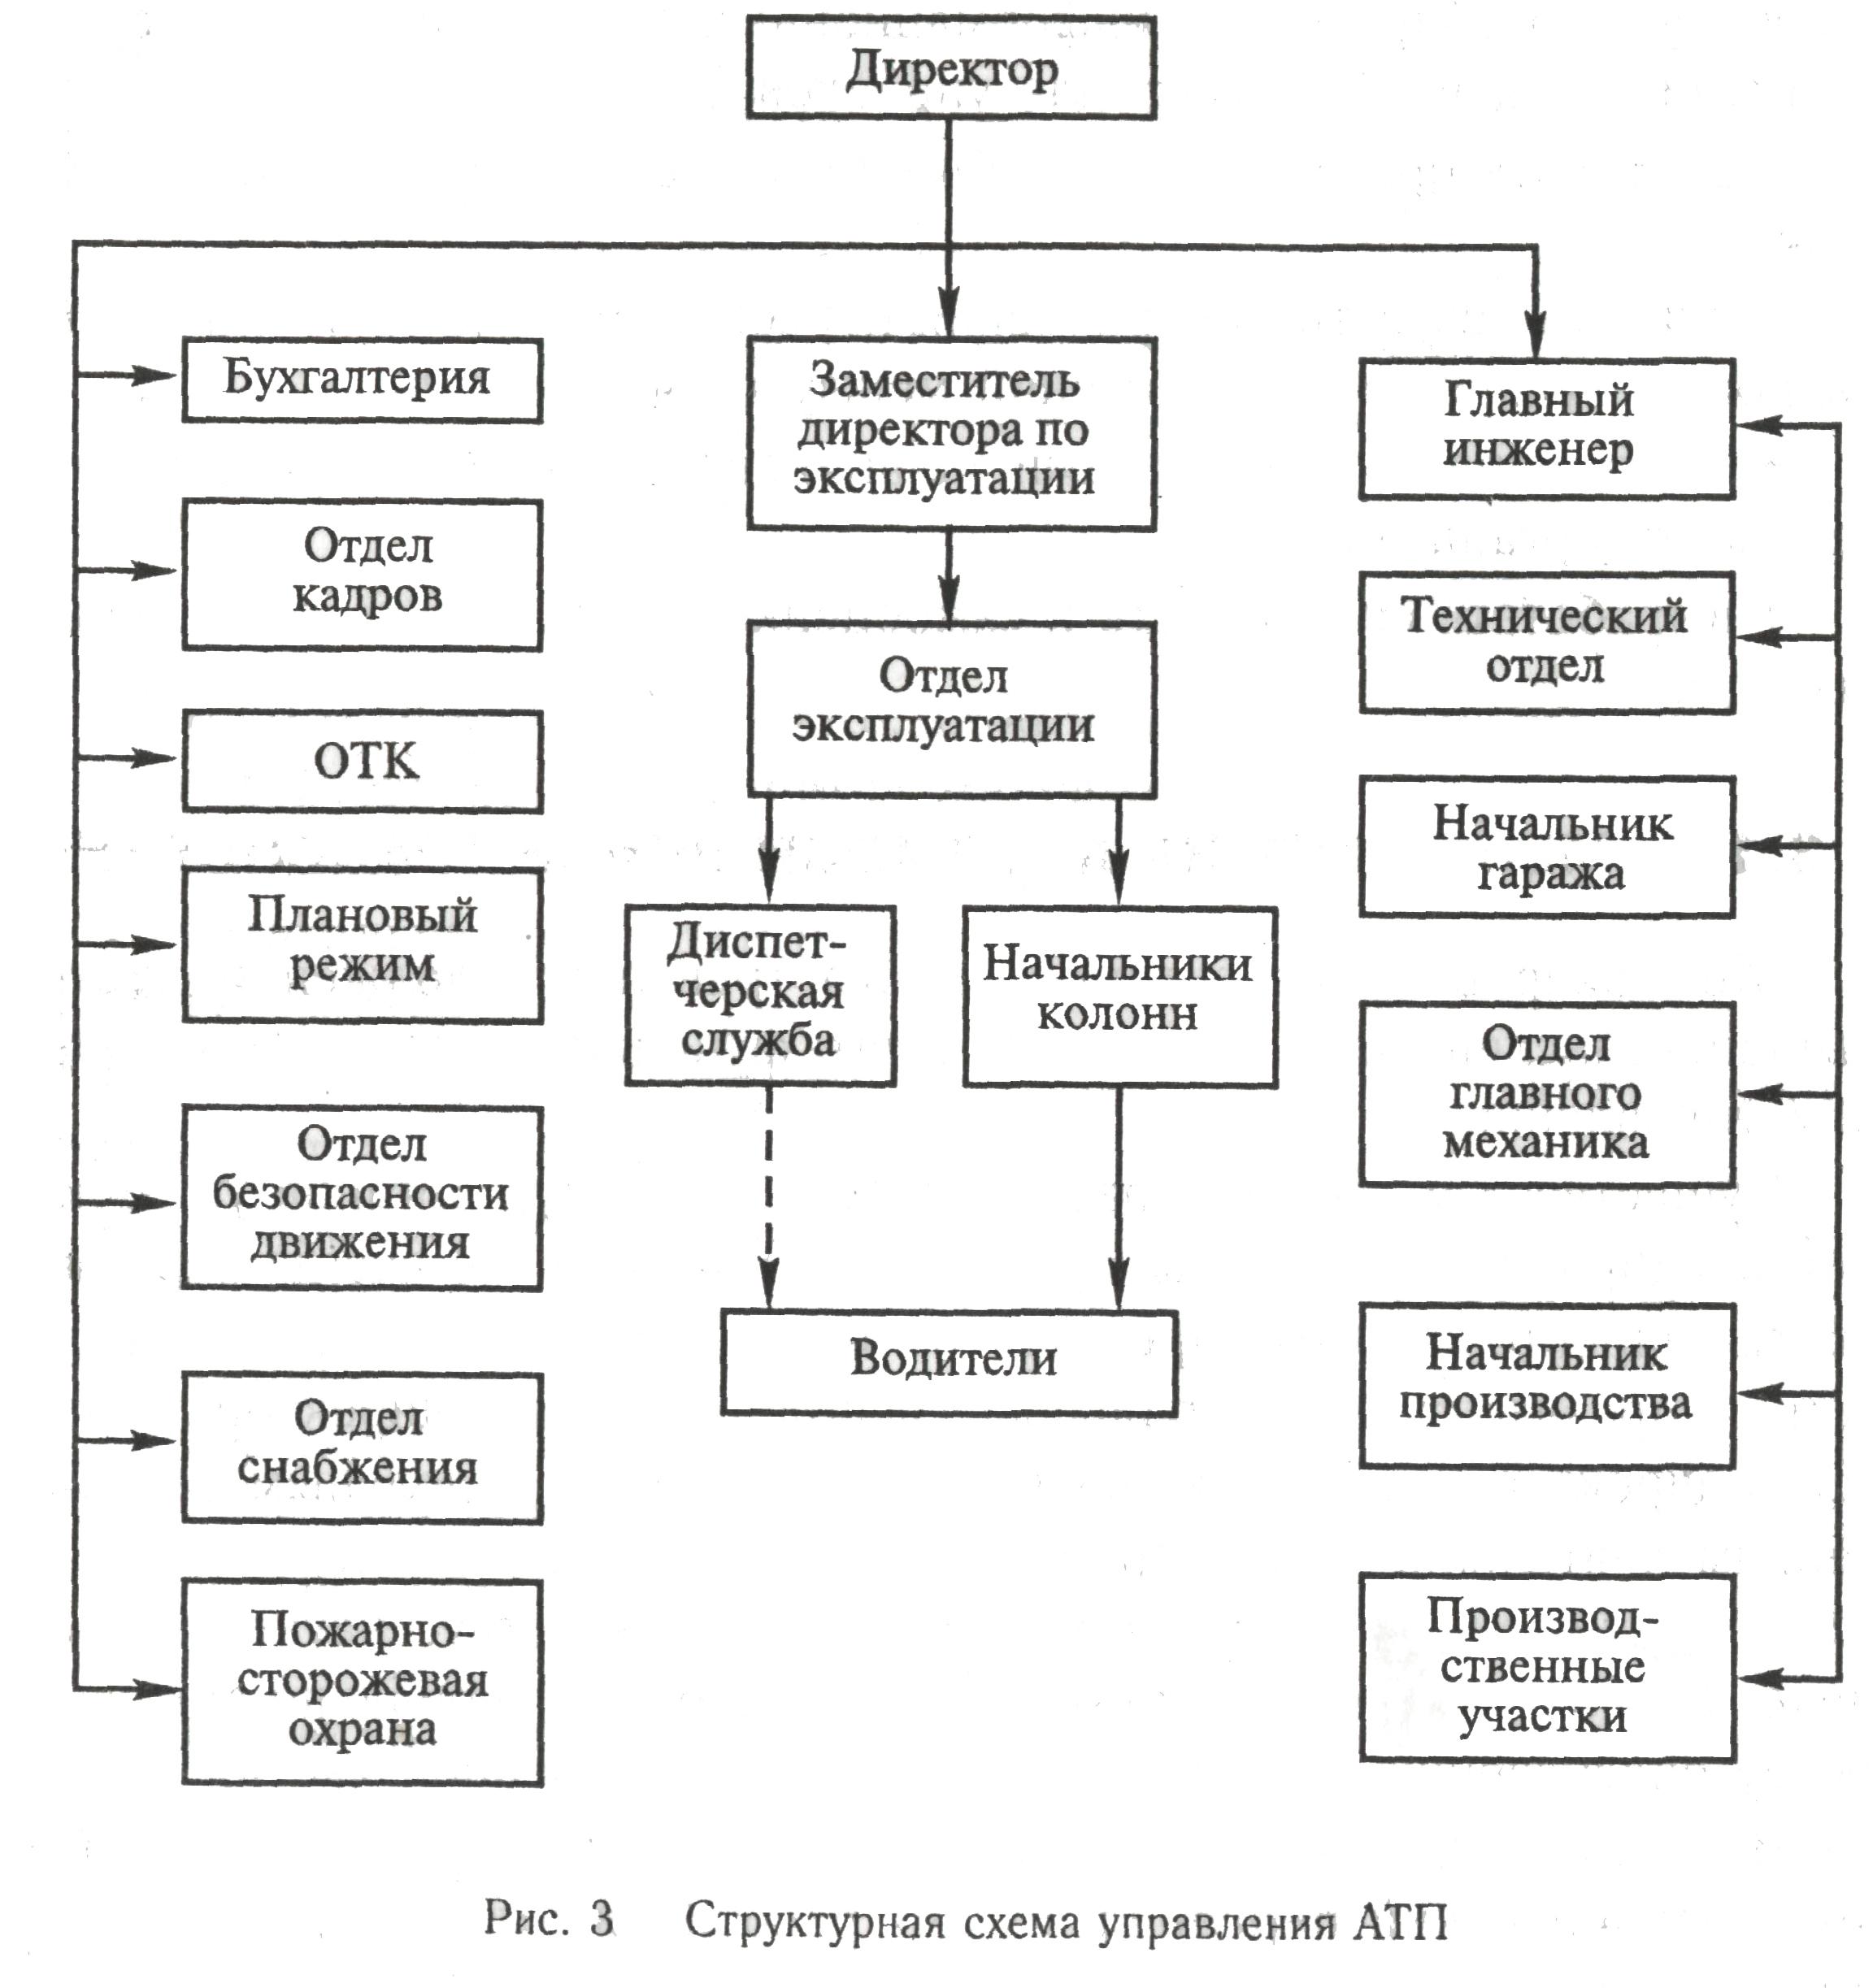 Производственная структурная схема